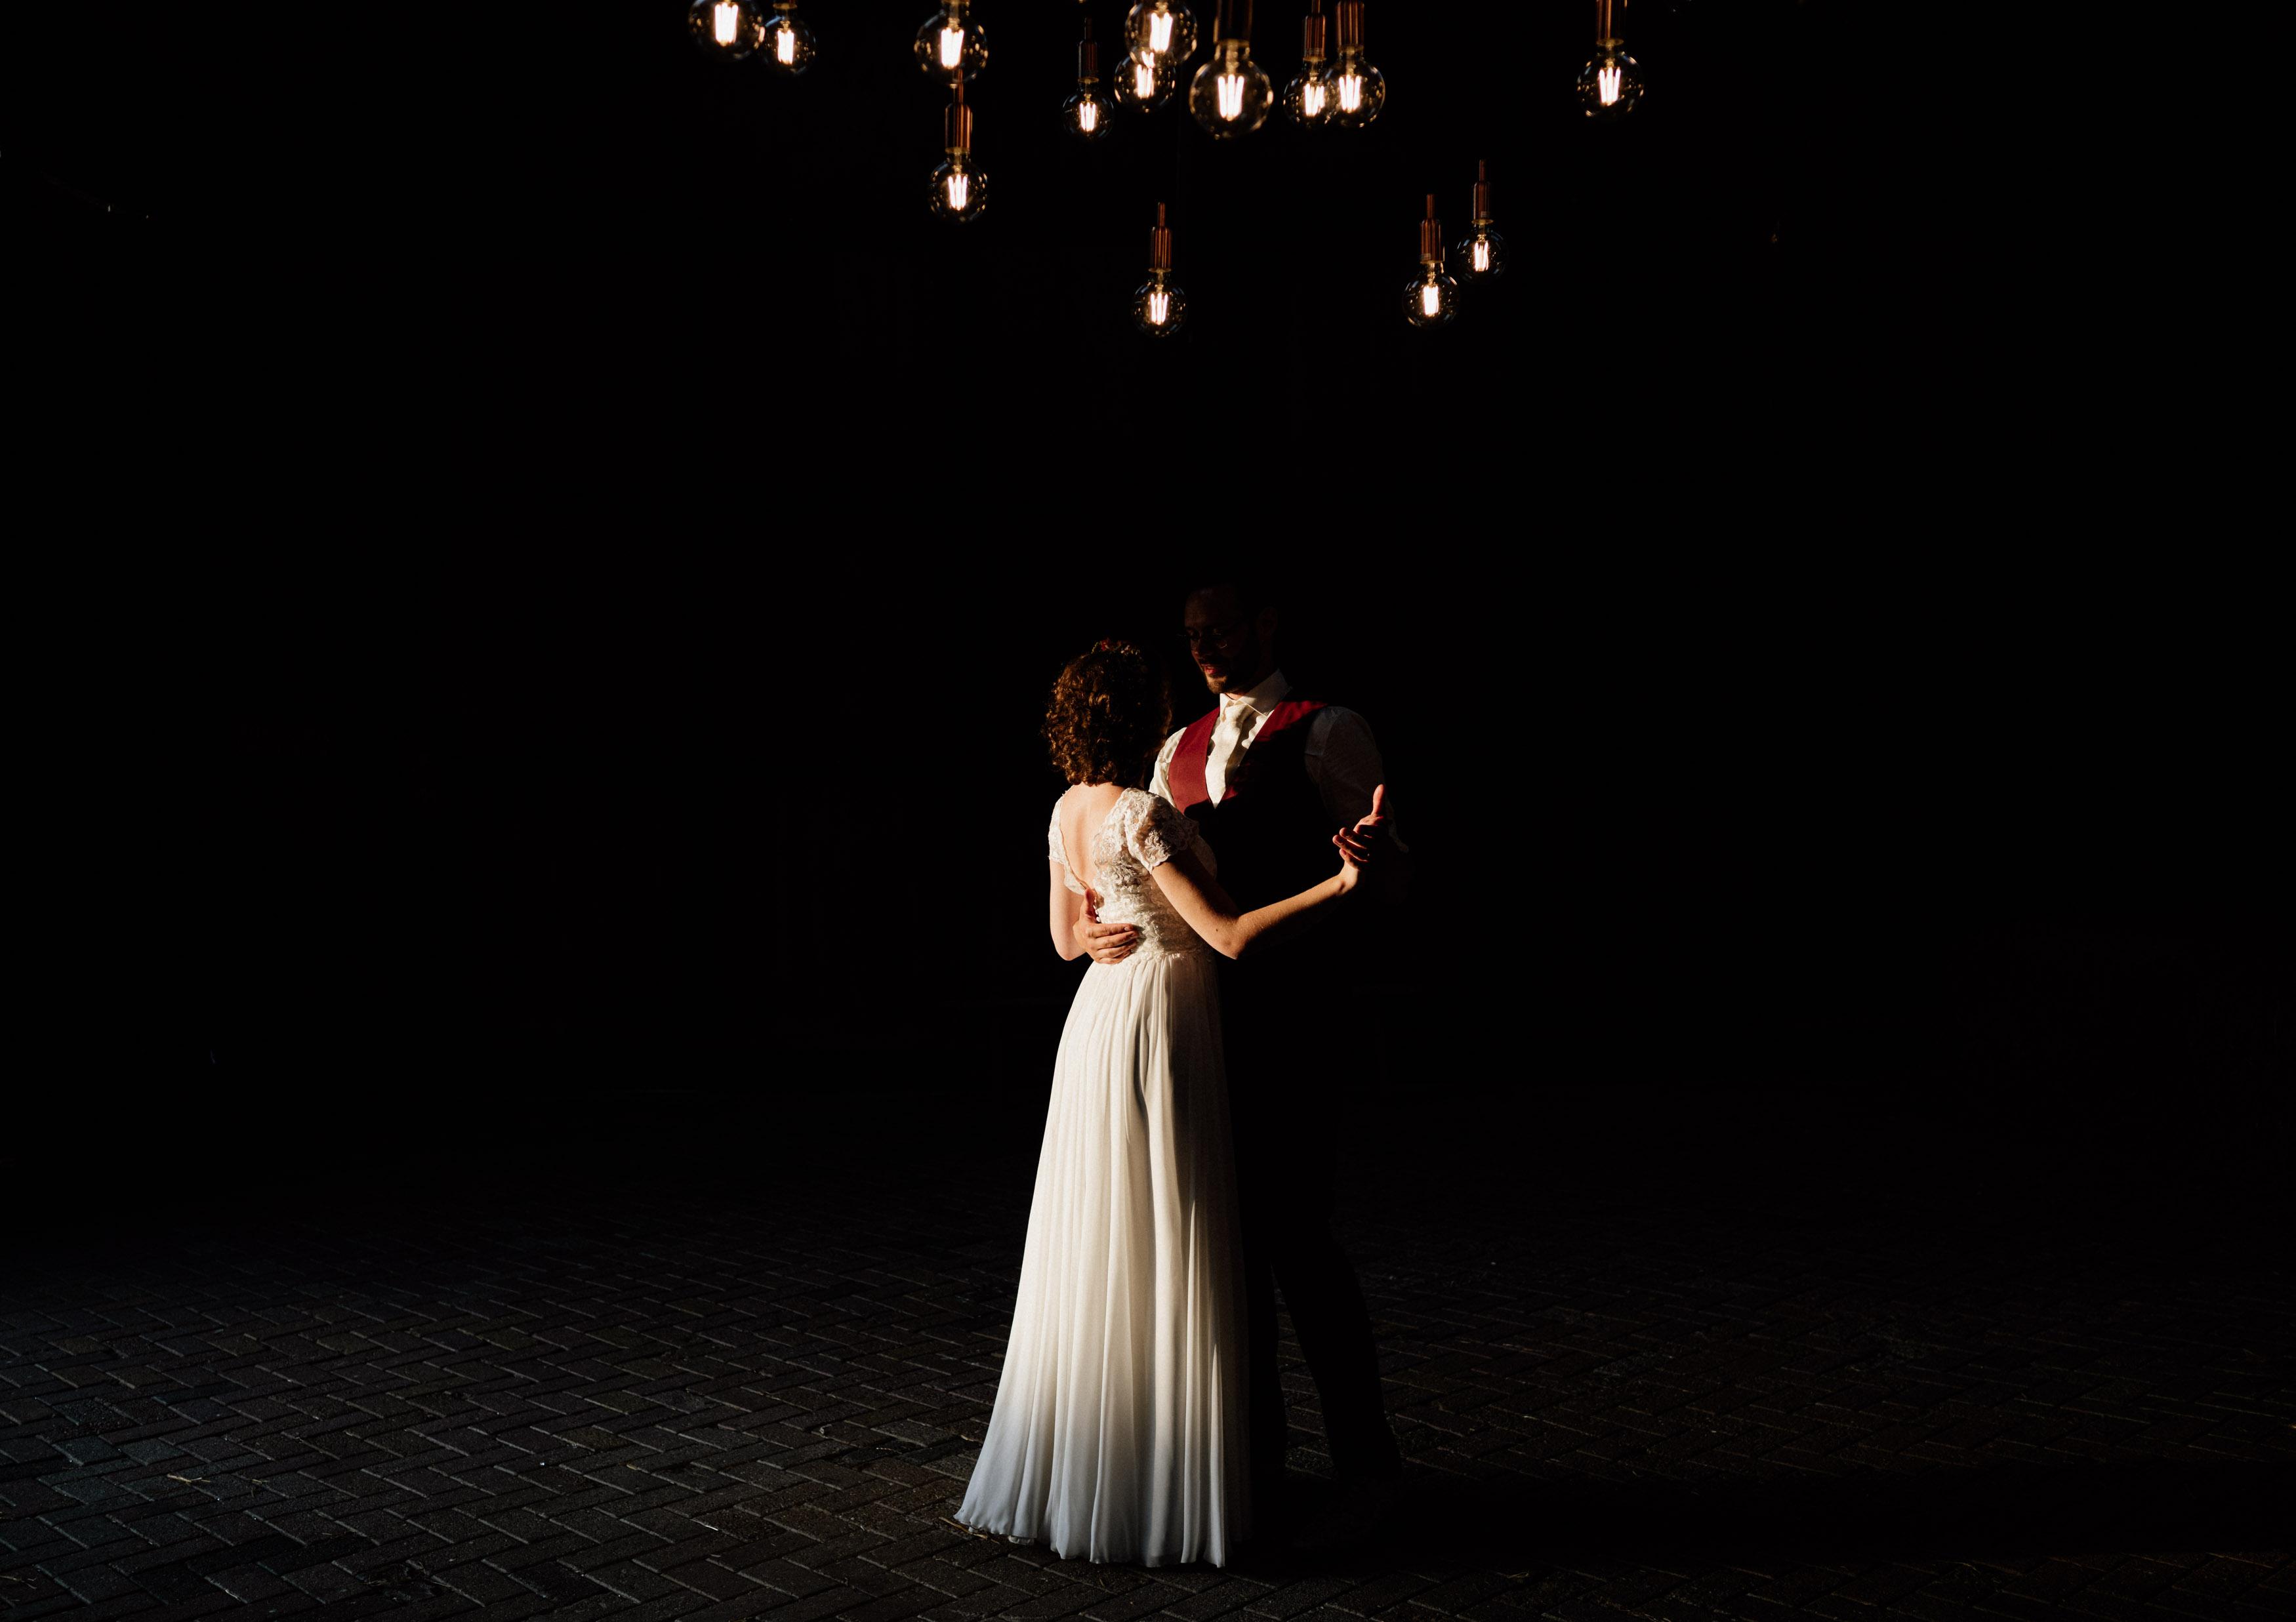 wedding couple in cinematic dark barn